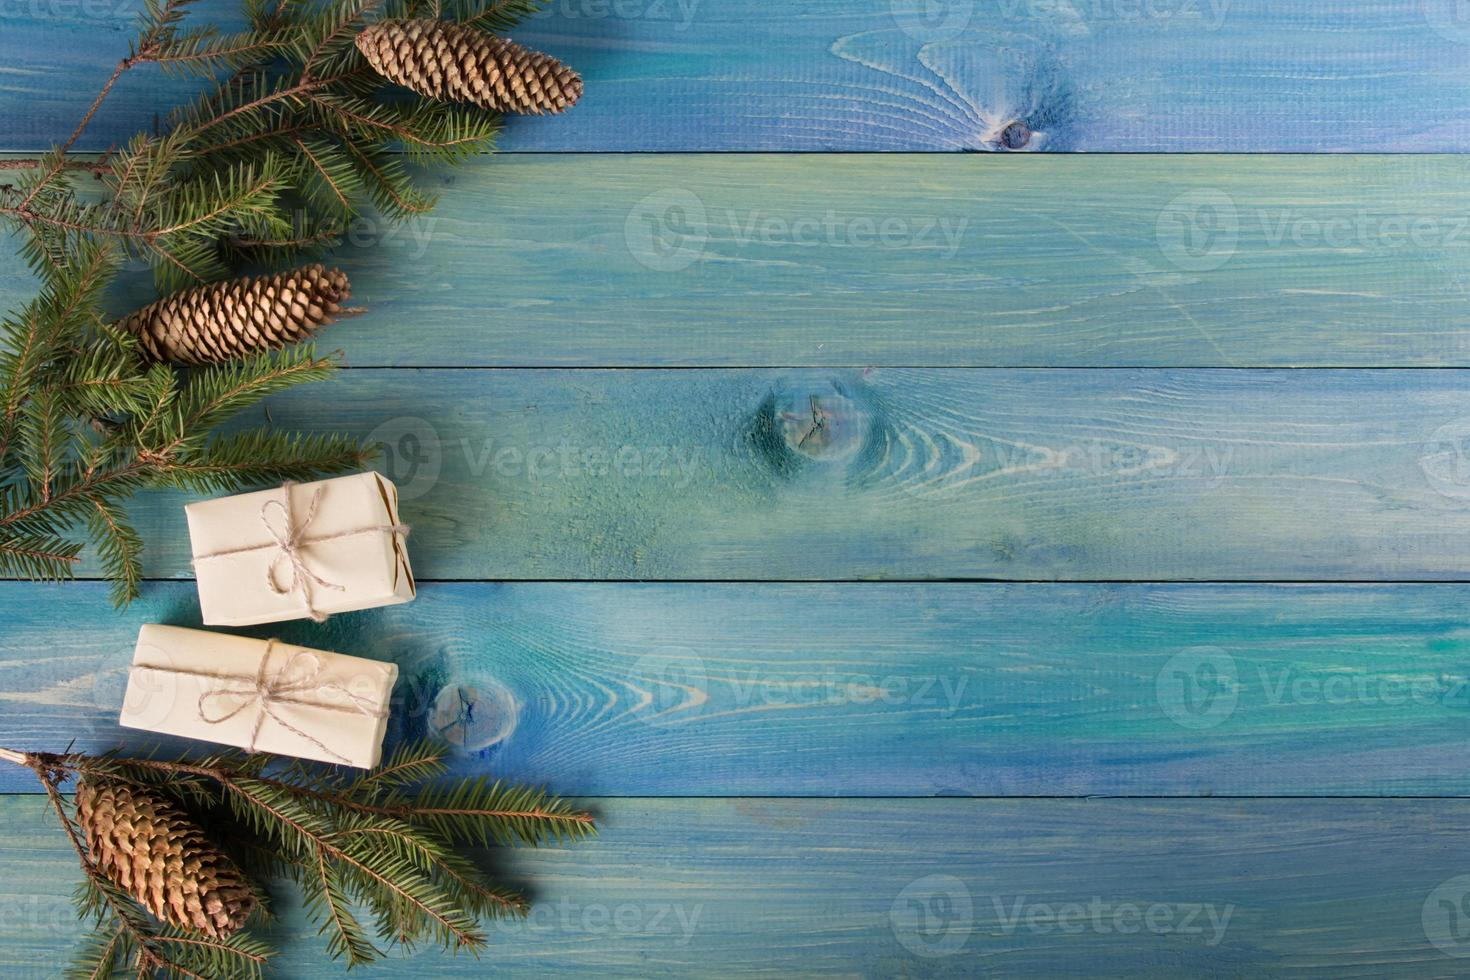 Weihnachtstannenbaum mit Dekoration auf blauem Holzbrett. foto